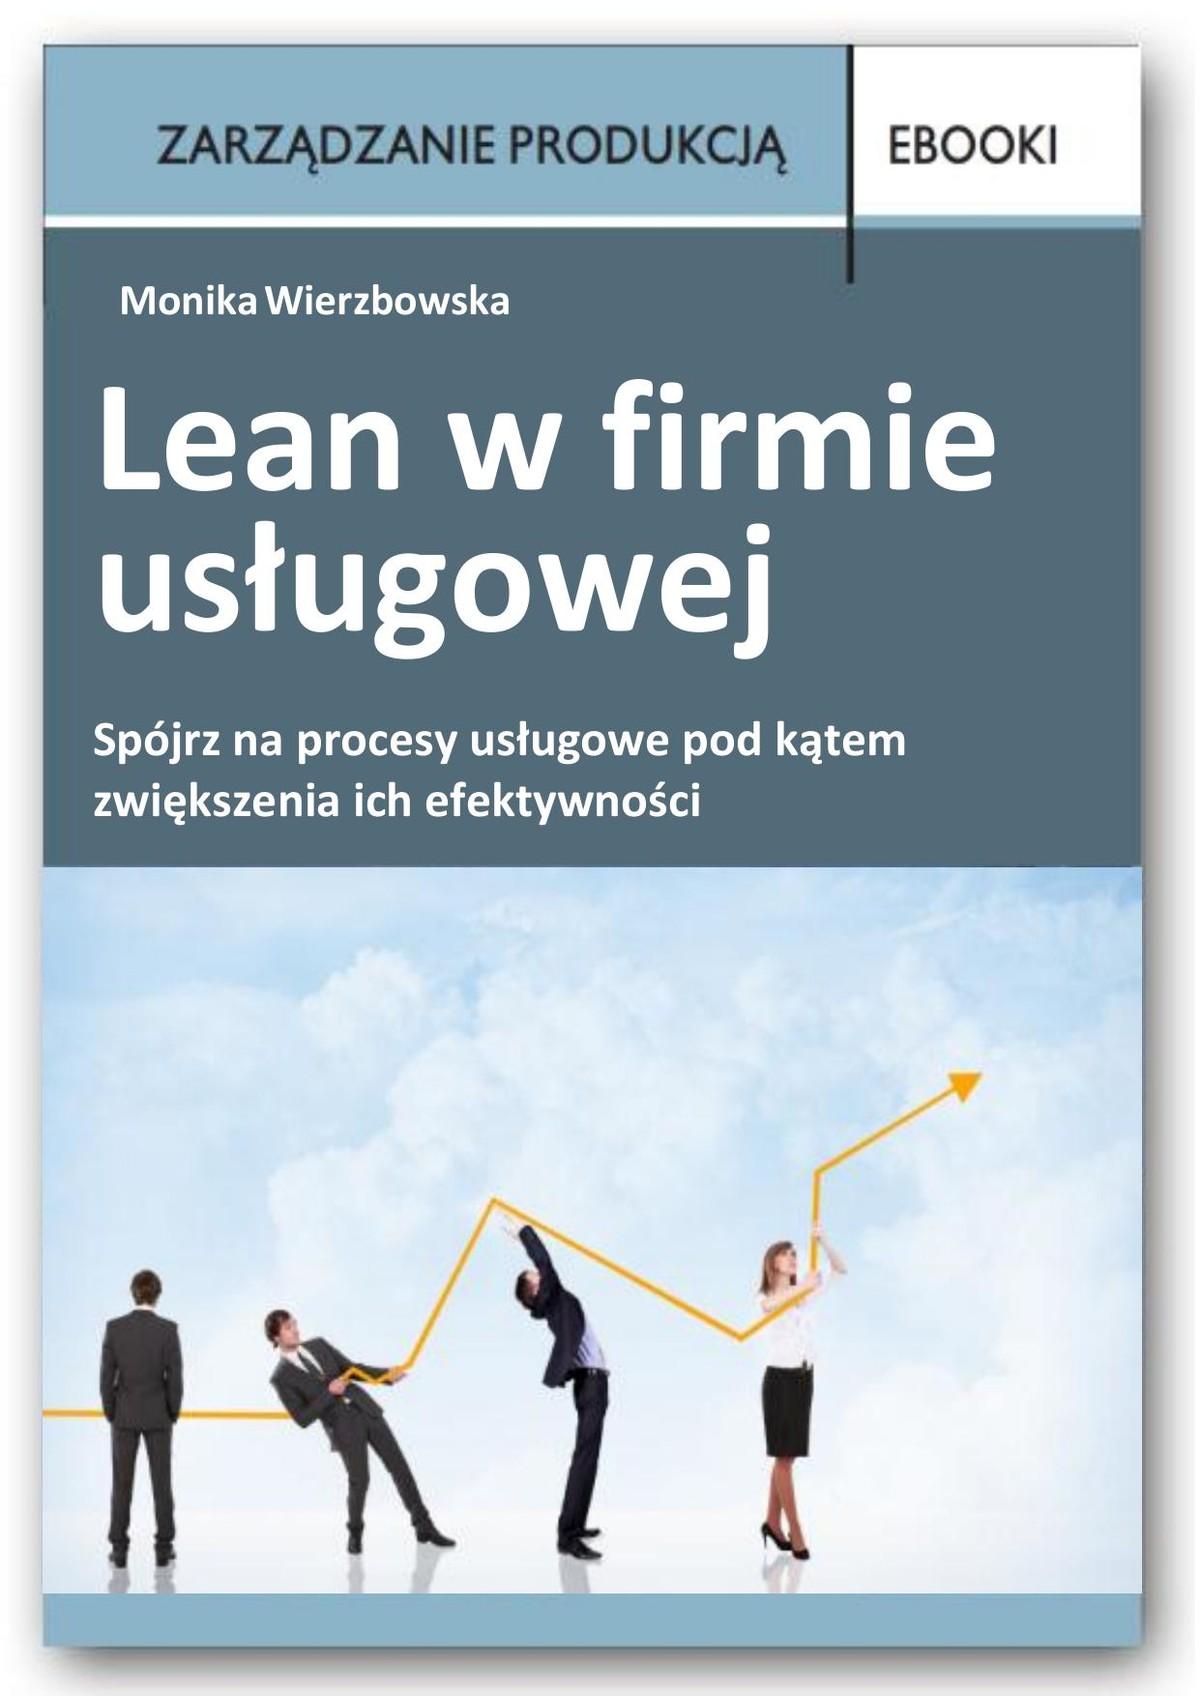 Lean w firmie usługowej ebook